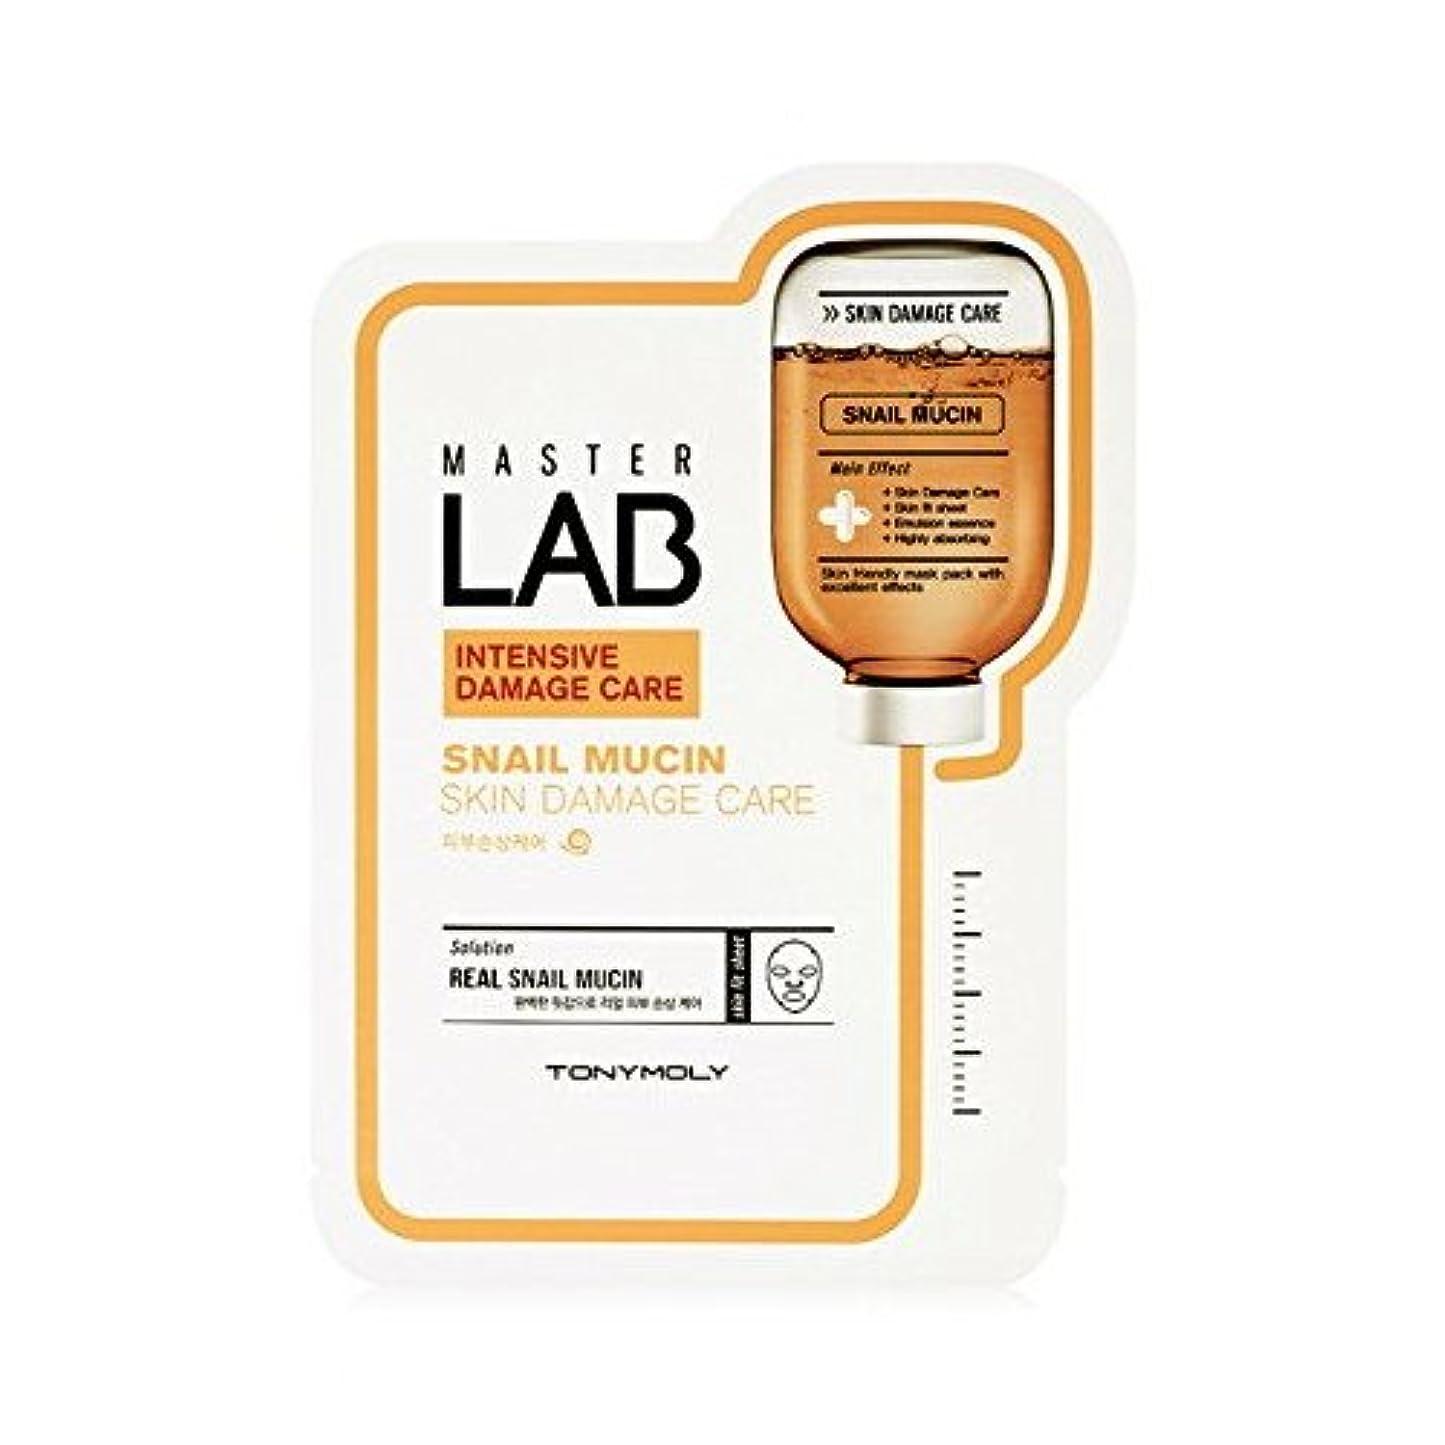 予測子安らぎダメージ(3 Pack) TONYMOLY Master Lab Mask - Snail Mucin (Skin Damage Care) (並行輸入品)